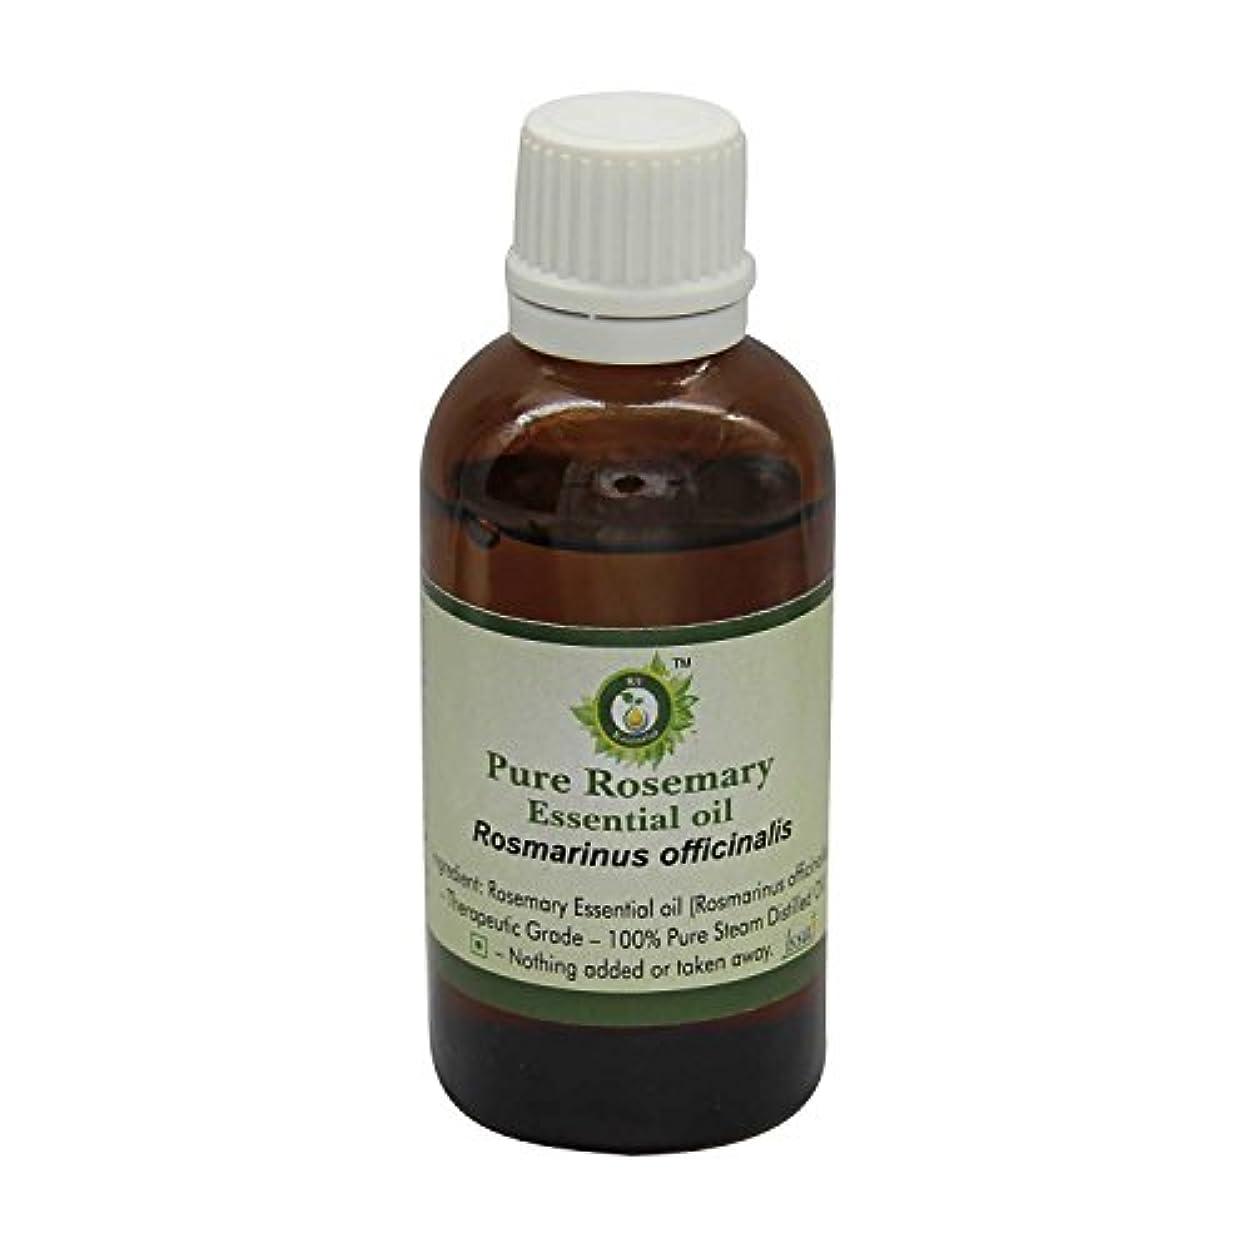 考えたバン冗長R V Essential ピュアローズマリーエッセンシャルオイル30ml (1.01oz)- Rosmarinus Officinalis (100%純粋&天然スチームDistilled) Pure Rosemary...